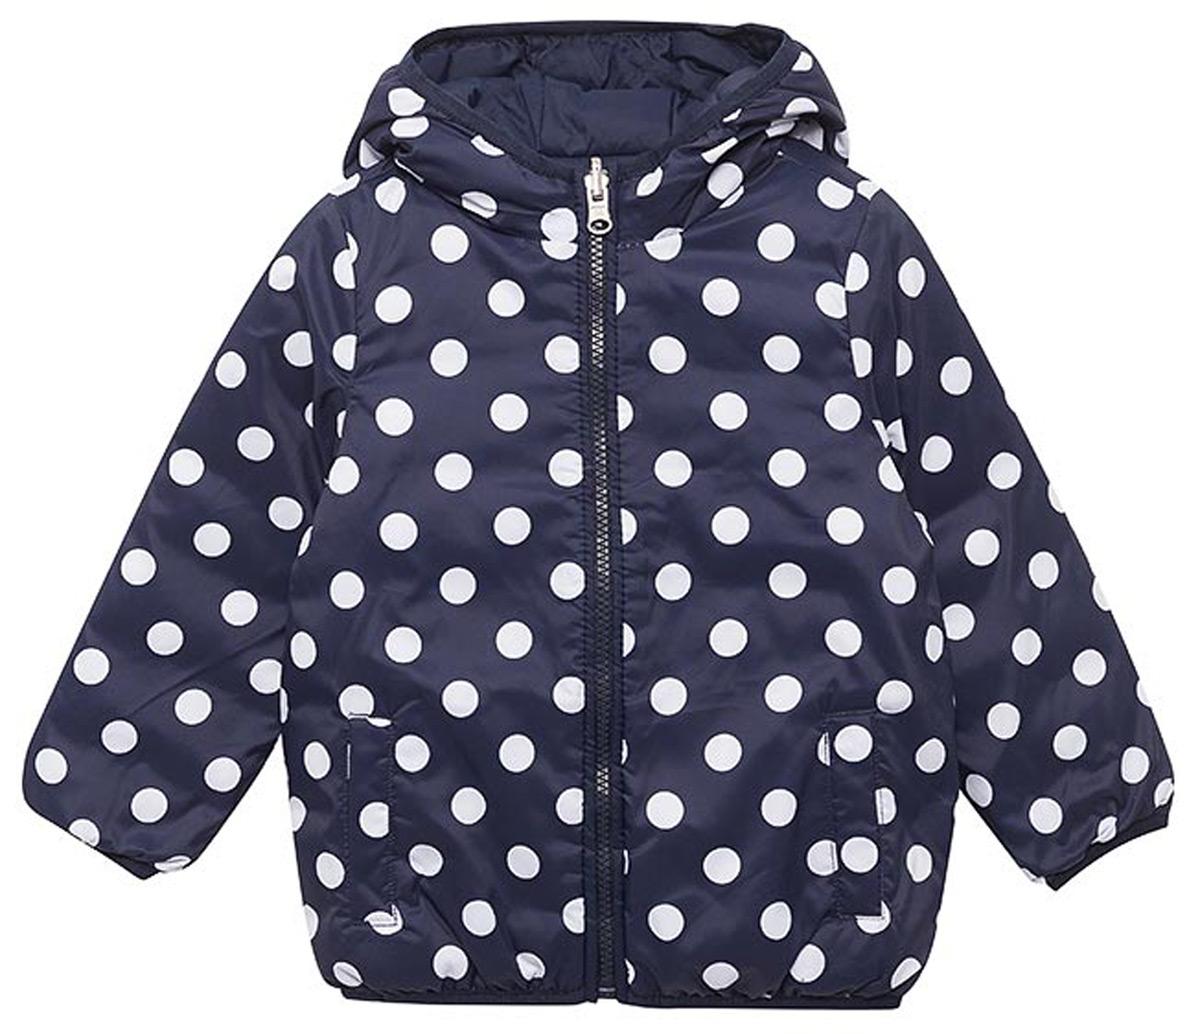 Куртка для девочек United Colors of Benetton, цвет: синий. 2XD853BS0_901. Размер 1502XD853BS0_901Двустороння утепленная куртка от United Colors of Benetton выполнена из высококачественного полиэстера. Модель с длинными рукавами и капюшоном застегивается на молнию, по бокам дополнена втачными карманами.